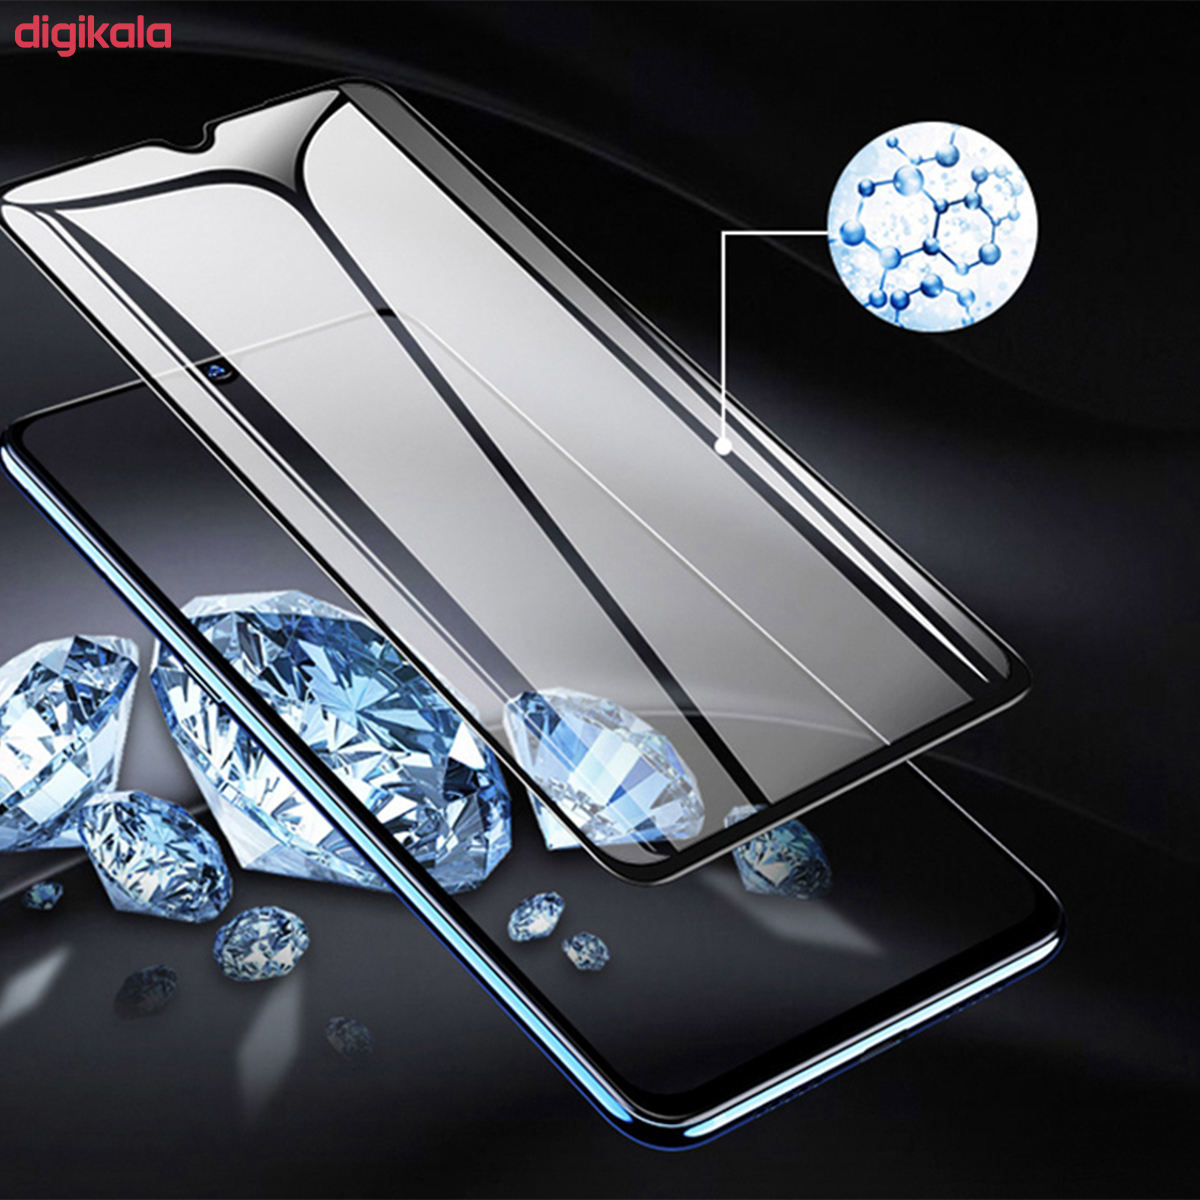 محافظ صفحه نمایش مدل PHSI مناسب برای گوشی موبایل شیائومی Redmi 9 main 1 2